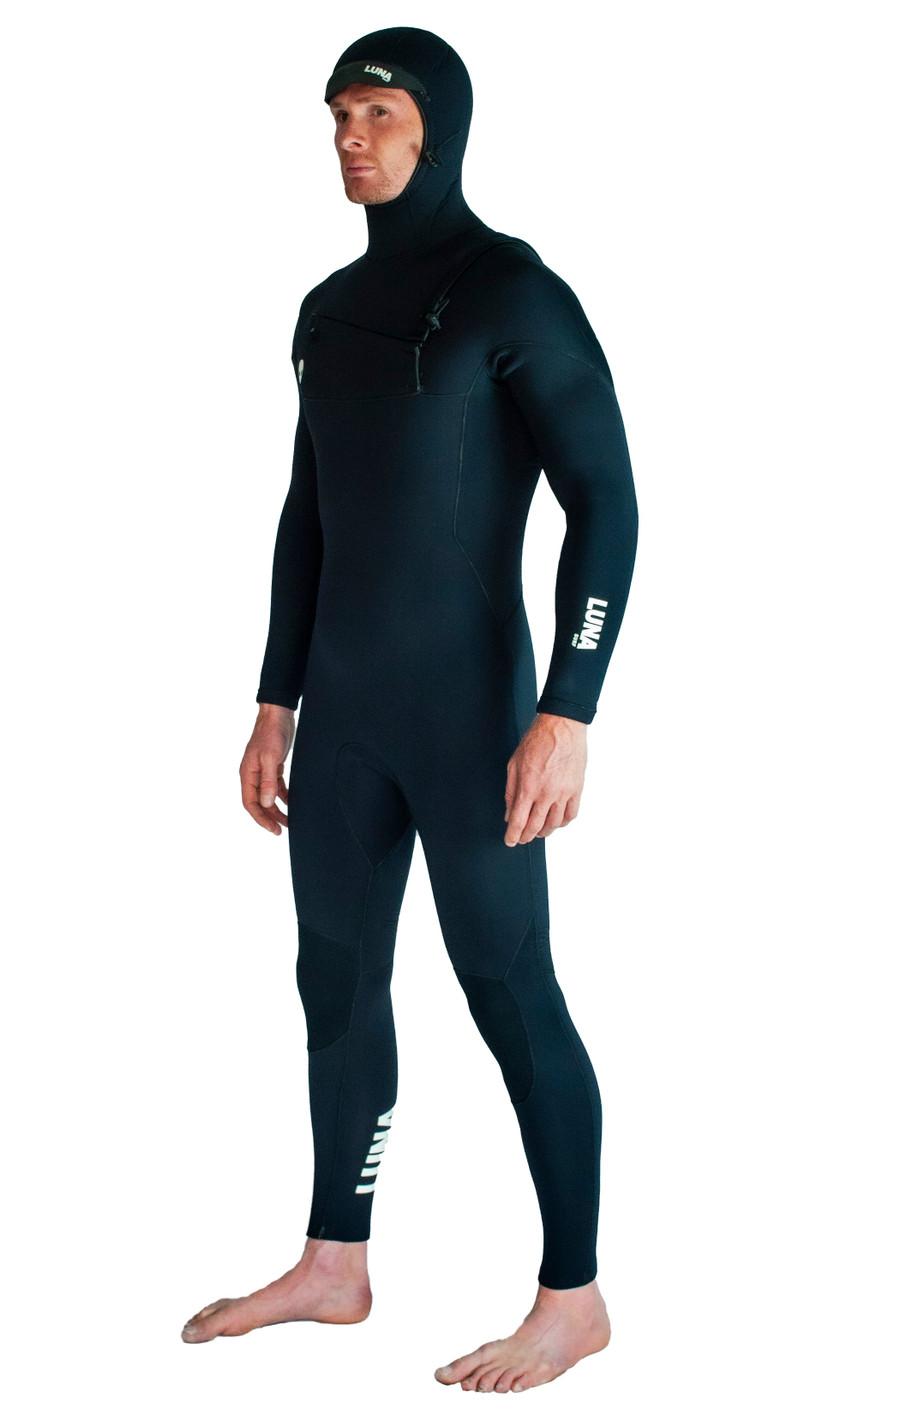 Lunasurf Mens All 4mm Hooded Slant Zip Black Wetsuit